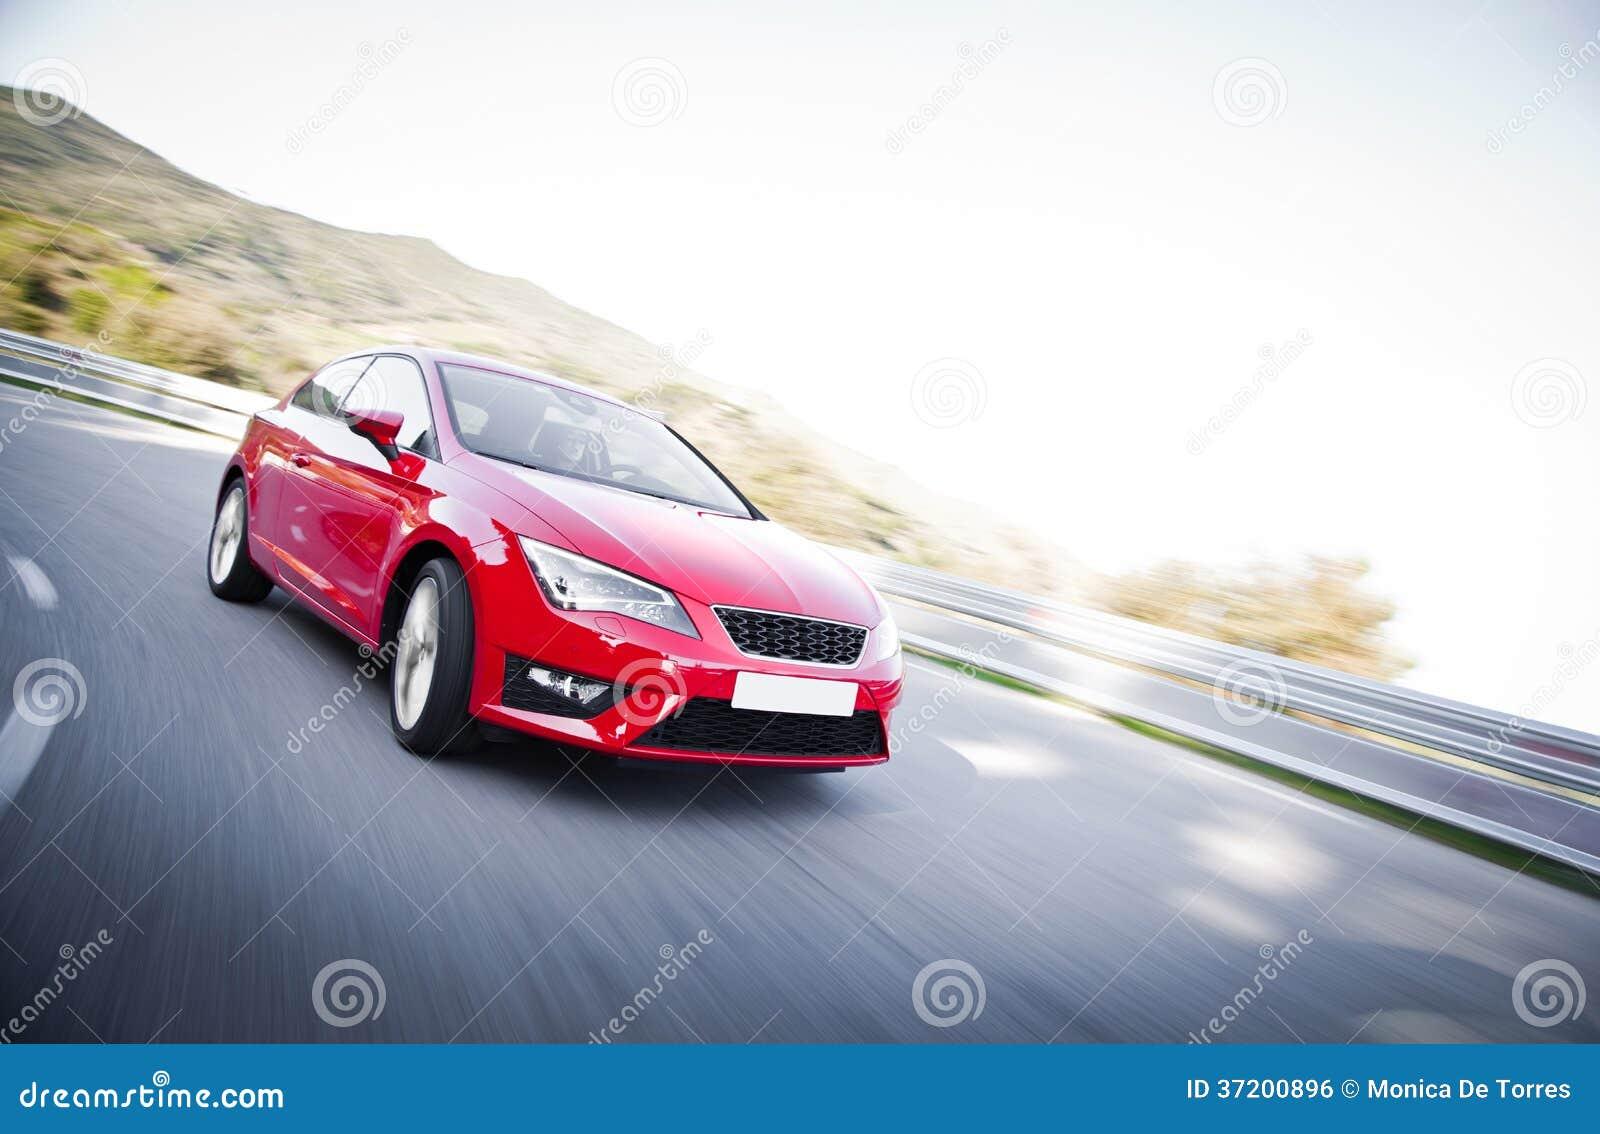 Автомобиль на дороге вполне опасных загибов